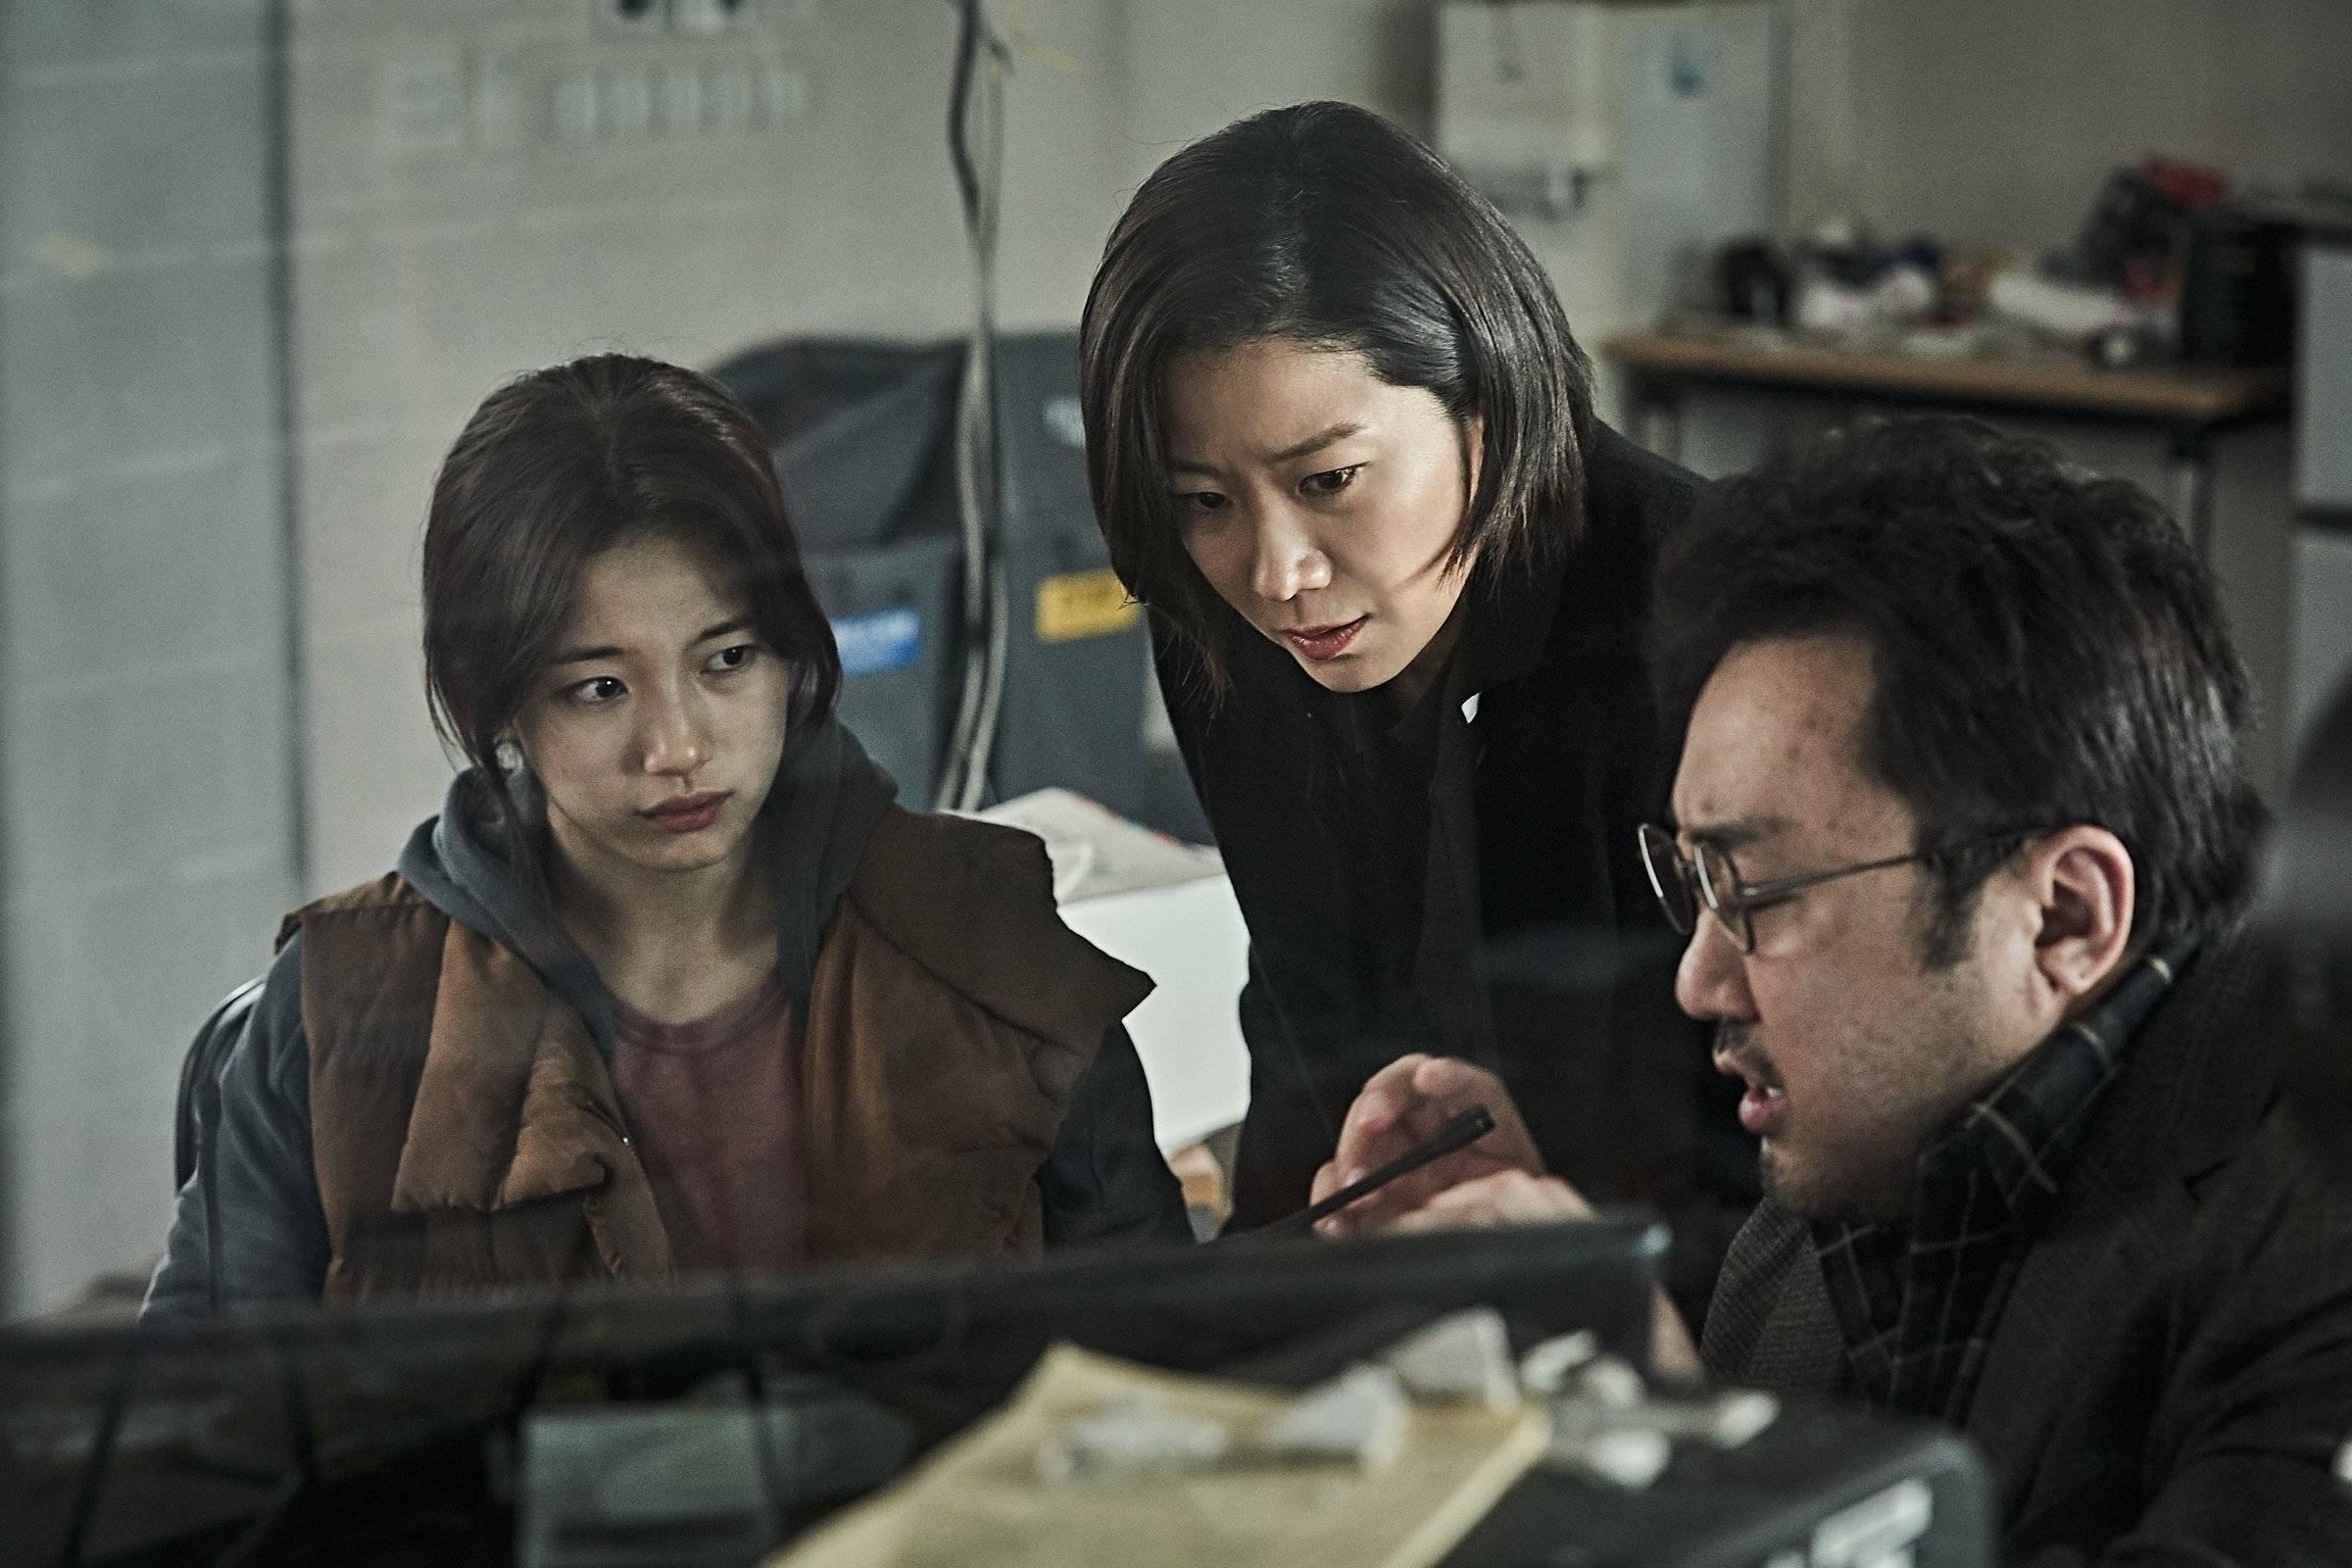 รีวิว หนัง Ashfall - นรกล้างเมือง ภัยพิบัติสั่นสะเทือนแผ่นดินเกาหลี